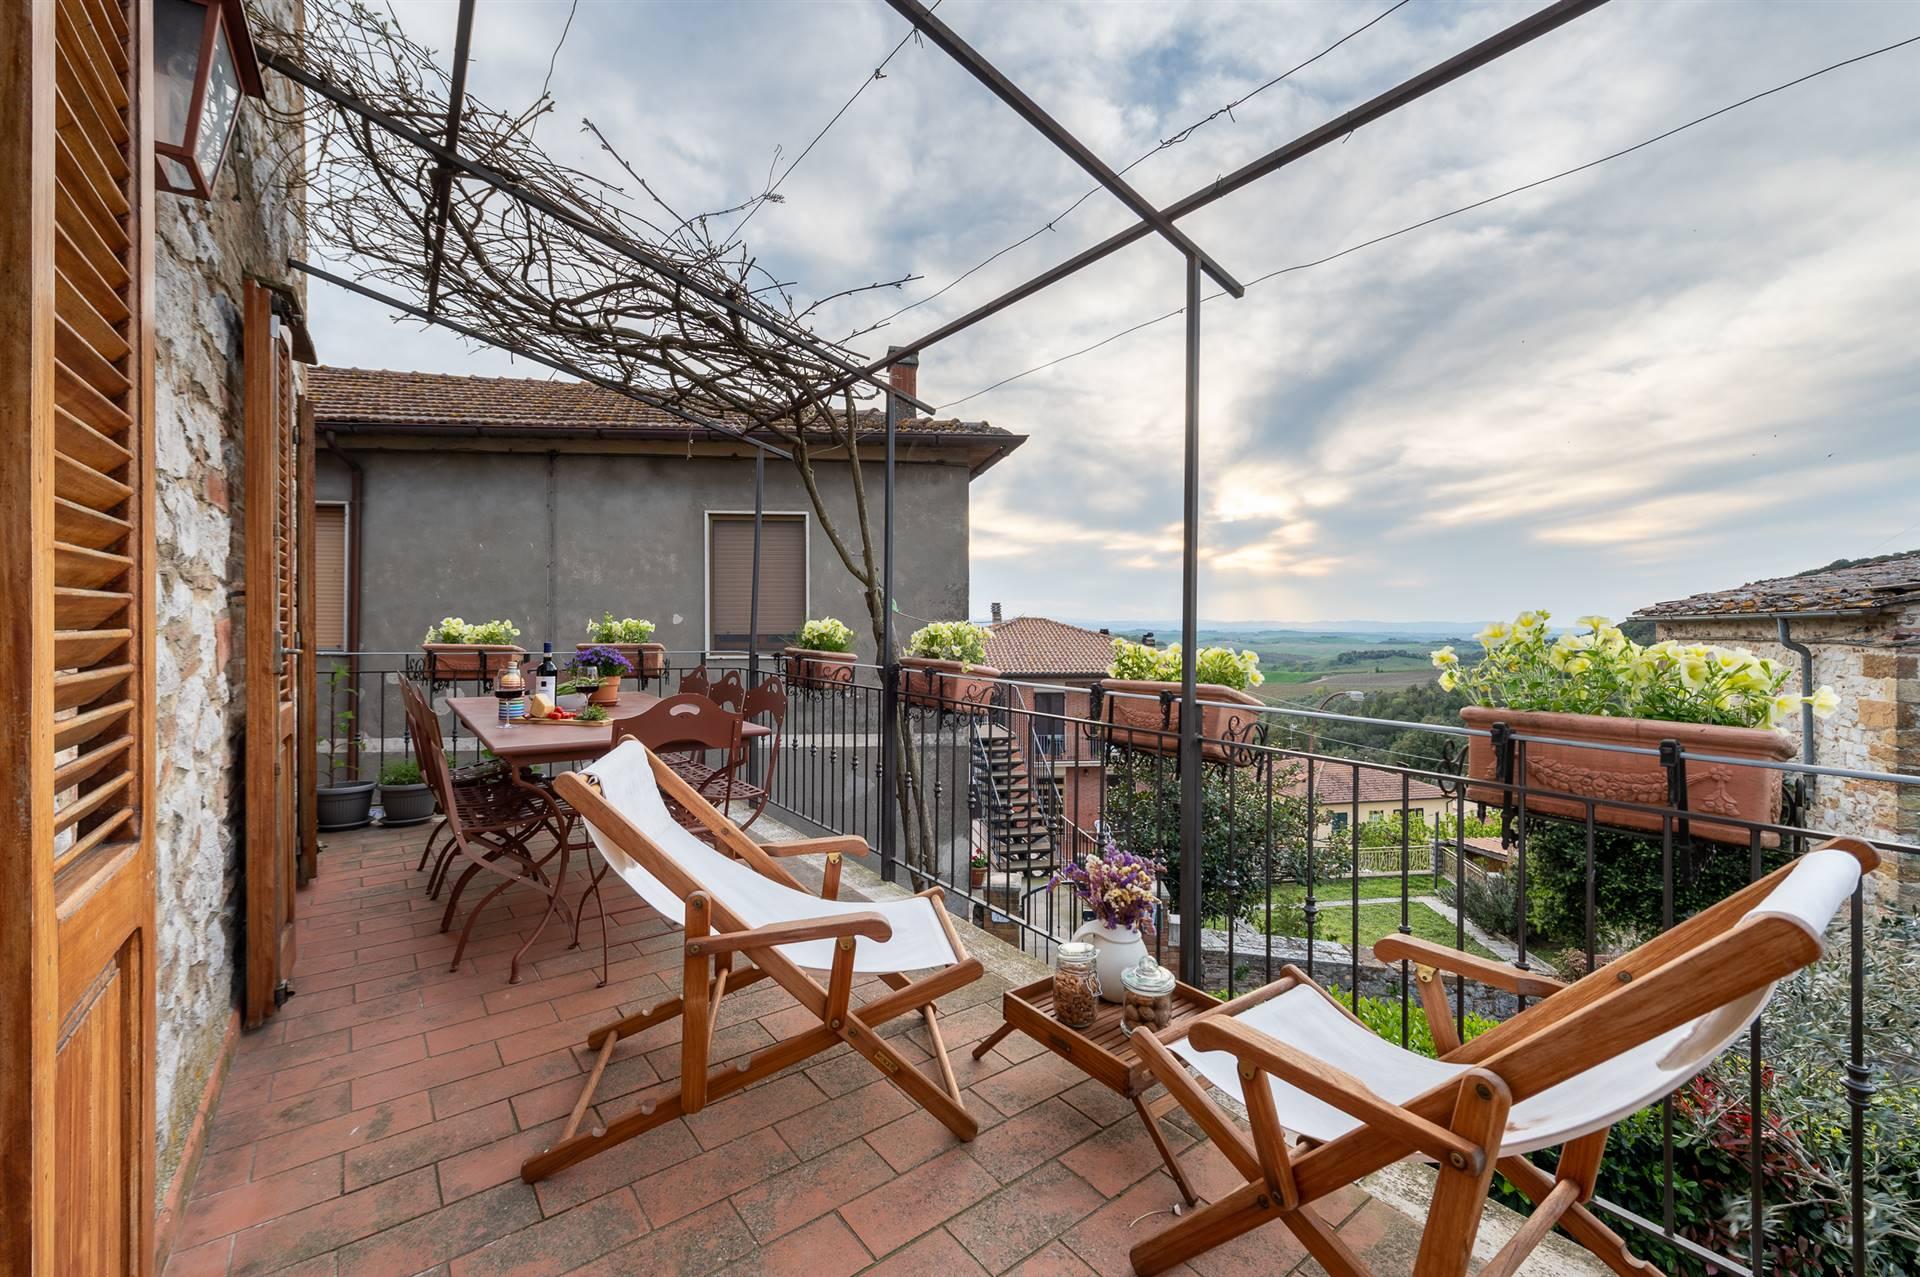 Terrazza Terrace